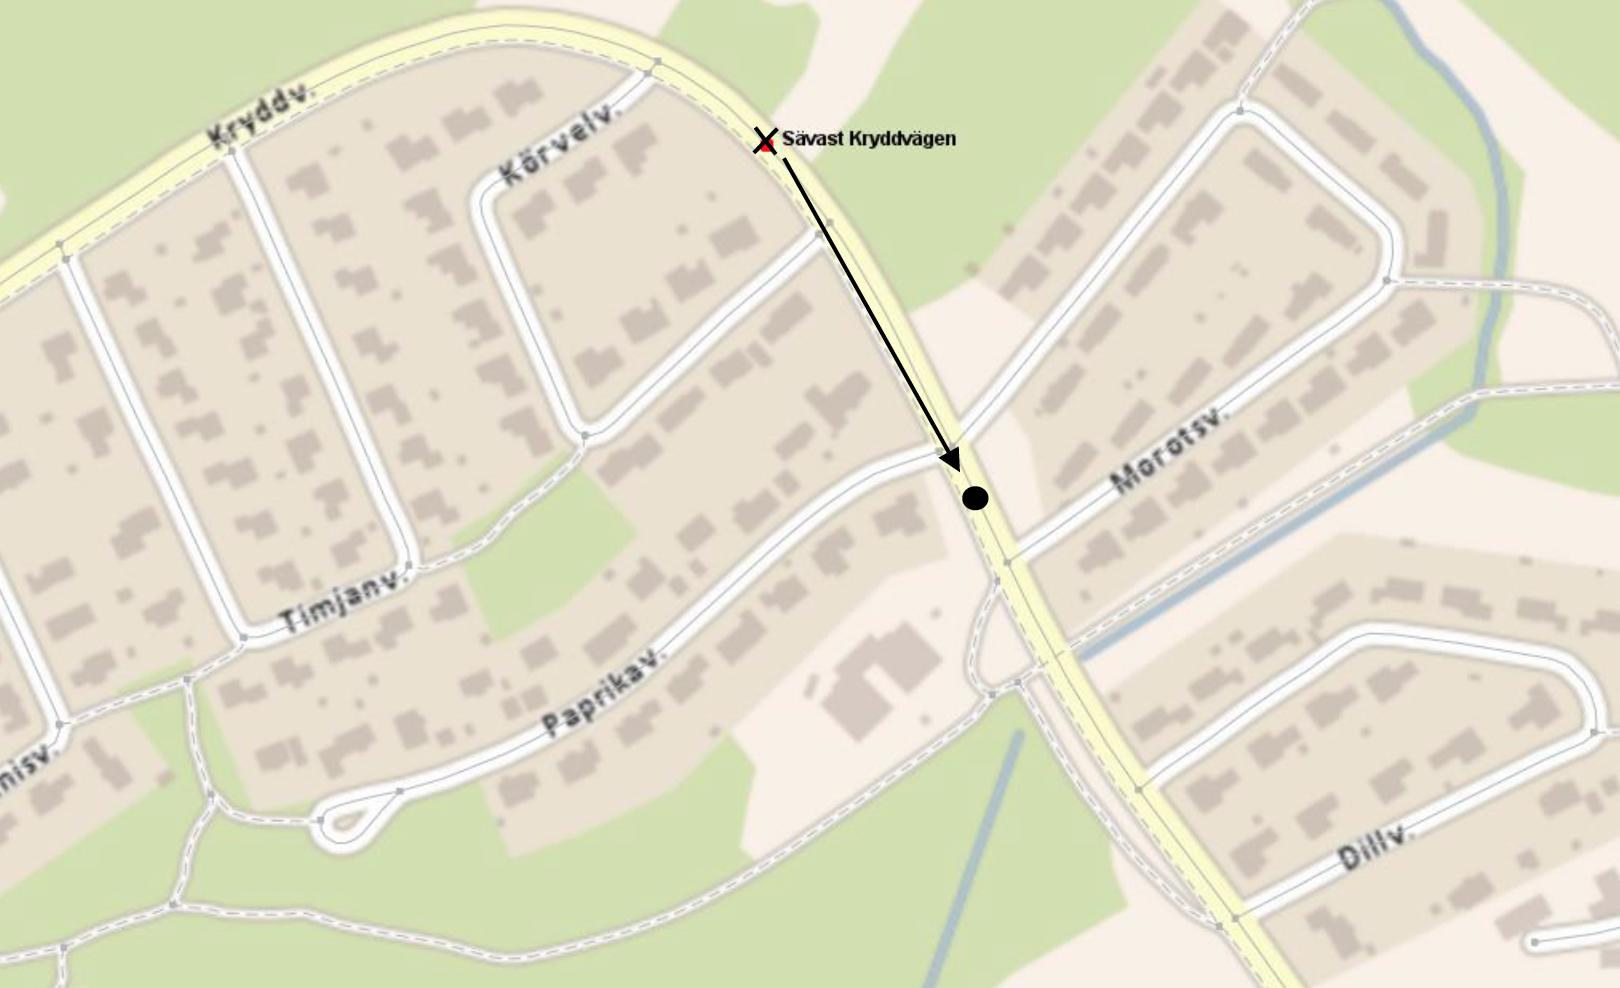 Kartbild Hållplats Morotsvägen Sävast